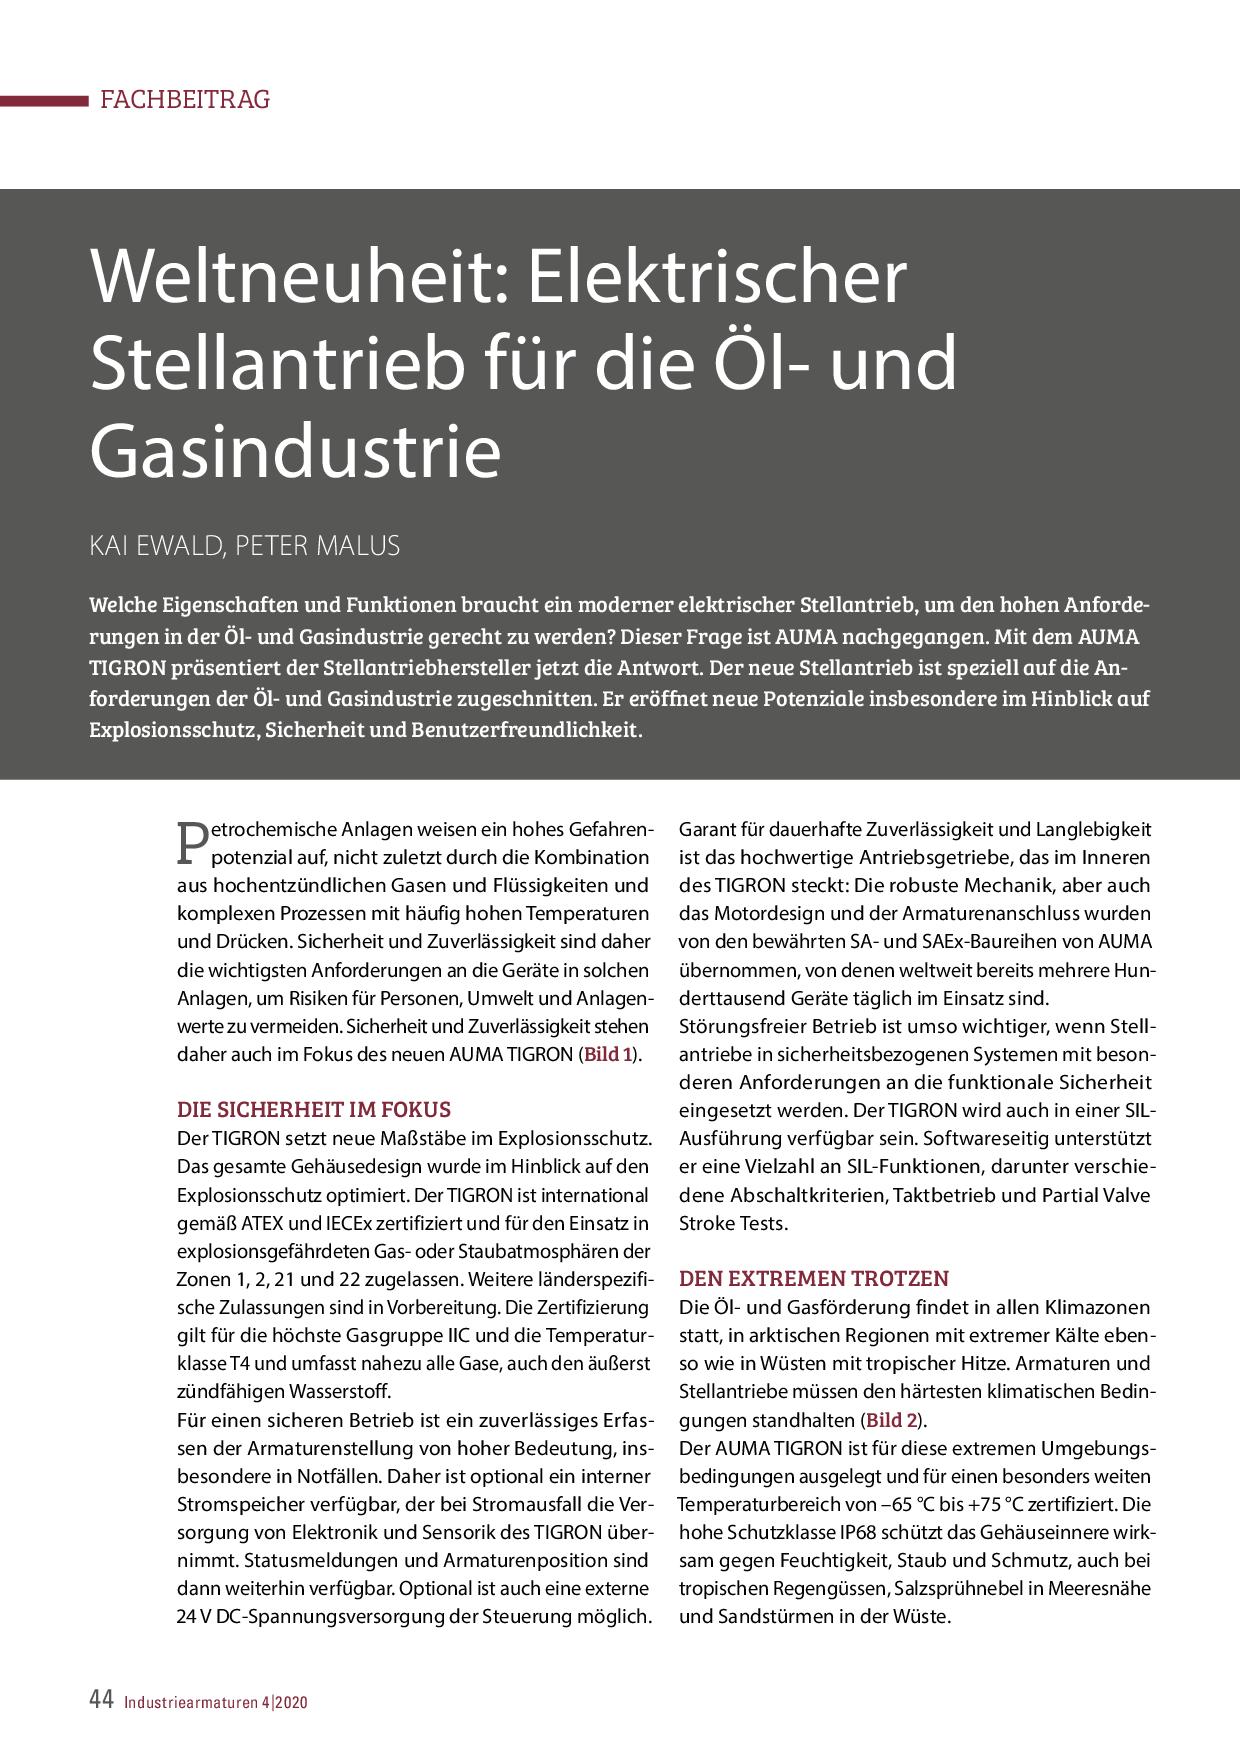 Weltneuheit: Elektrischer Stellantrieb für die Öl- und Gasindustrie